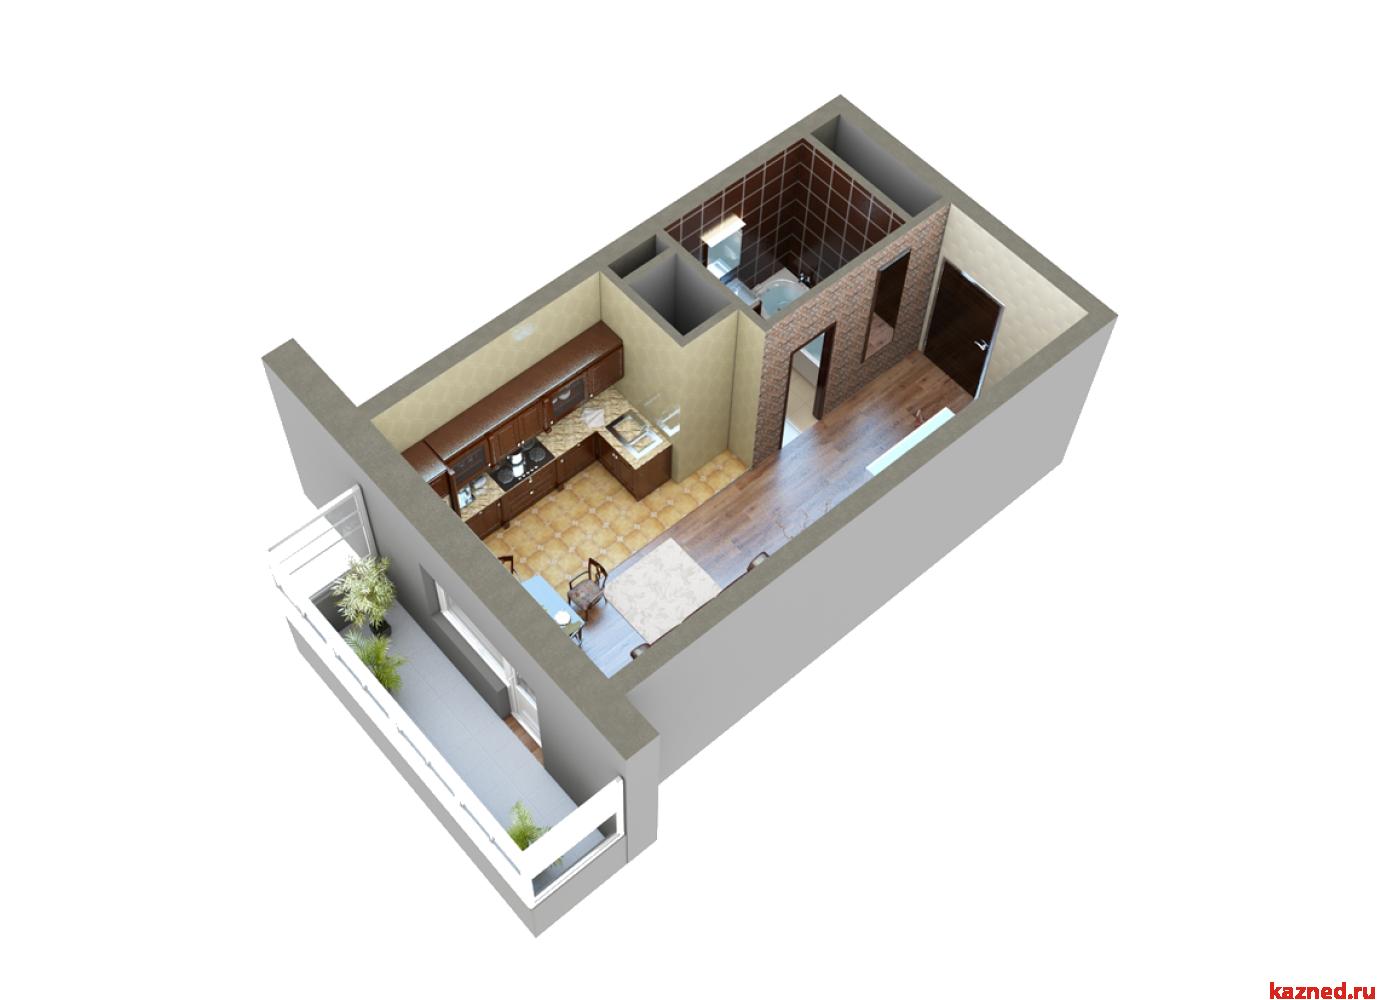 Продажа 1-к квартиры Мамадышский тракт, 36 м²  (миниатюра №9)